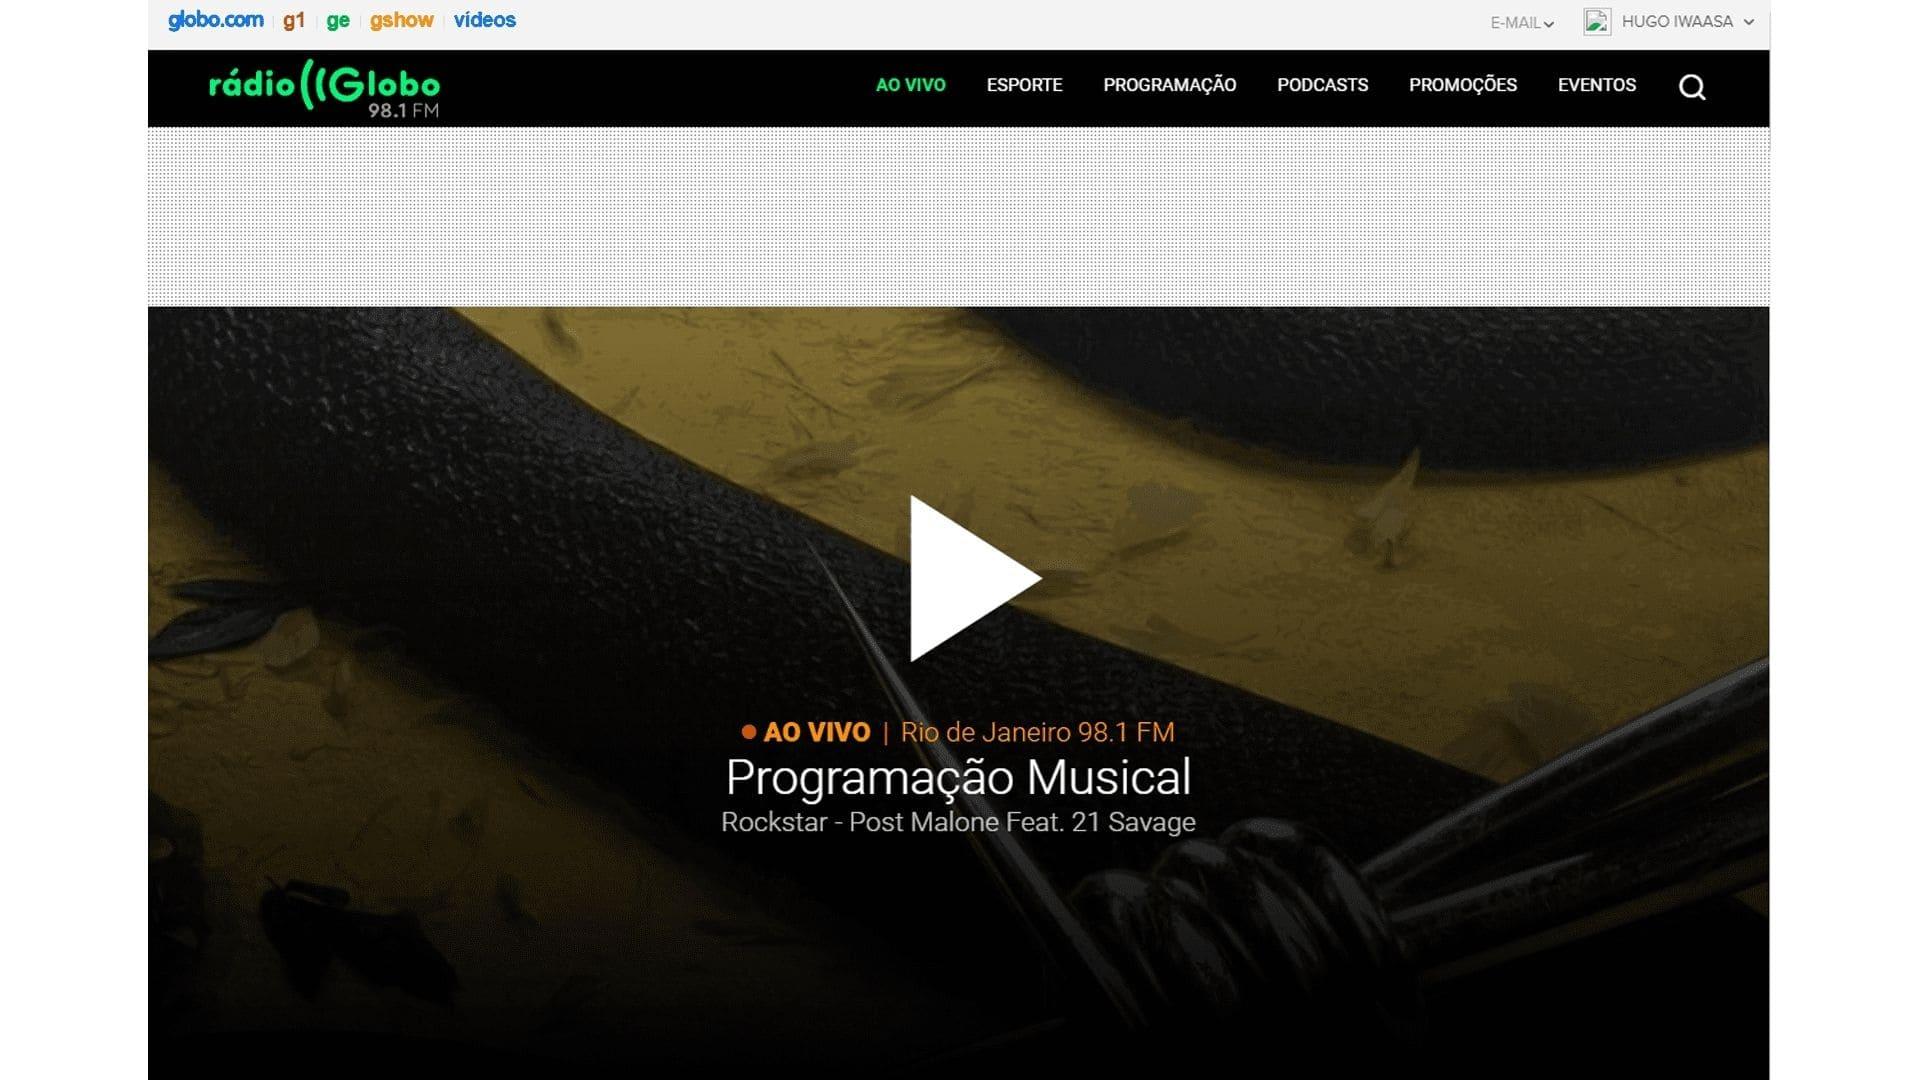 Captura de tela do site da Rádio Globo